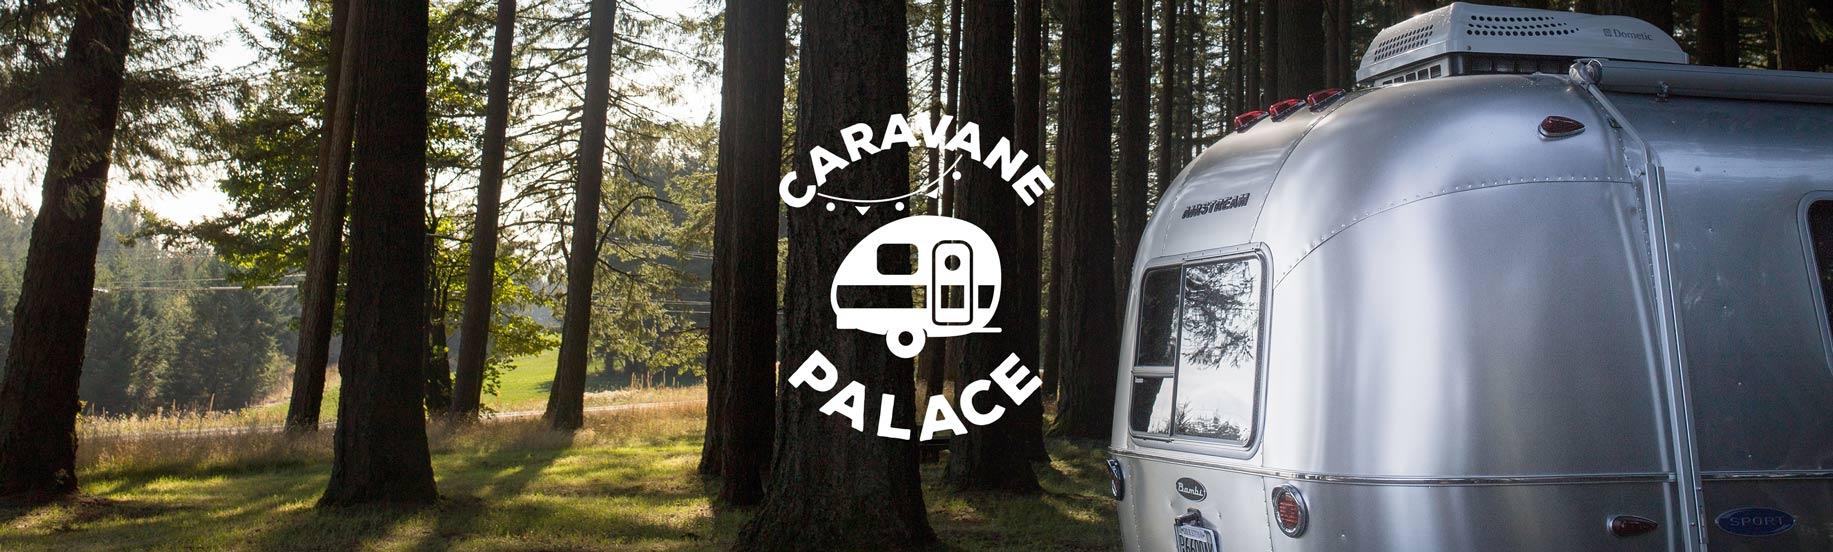 Forêt avec une caravane et le logotype en blanc